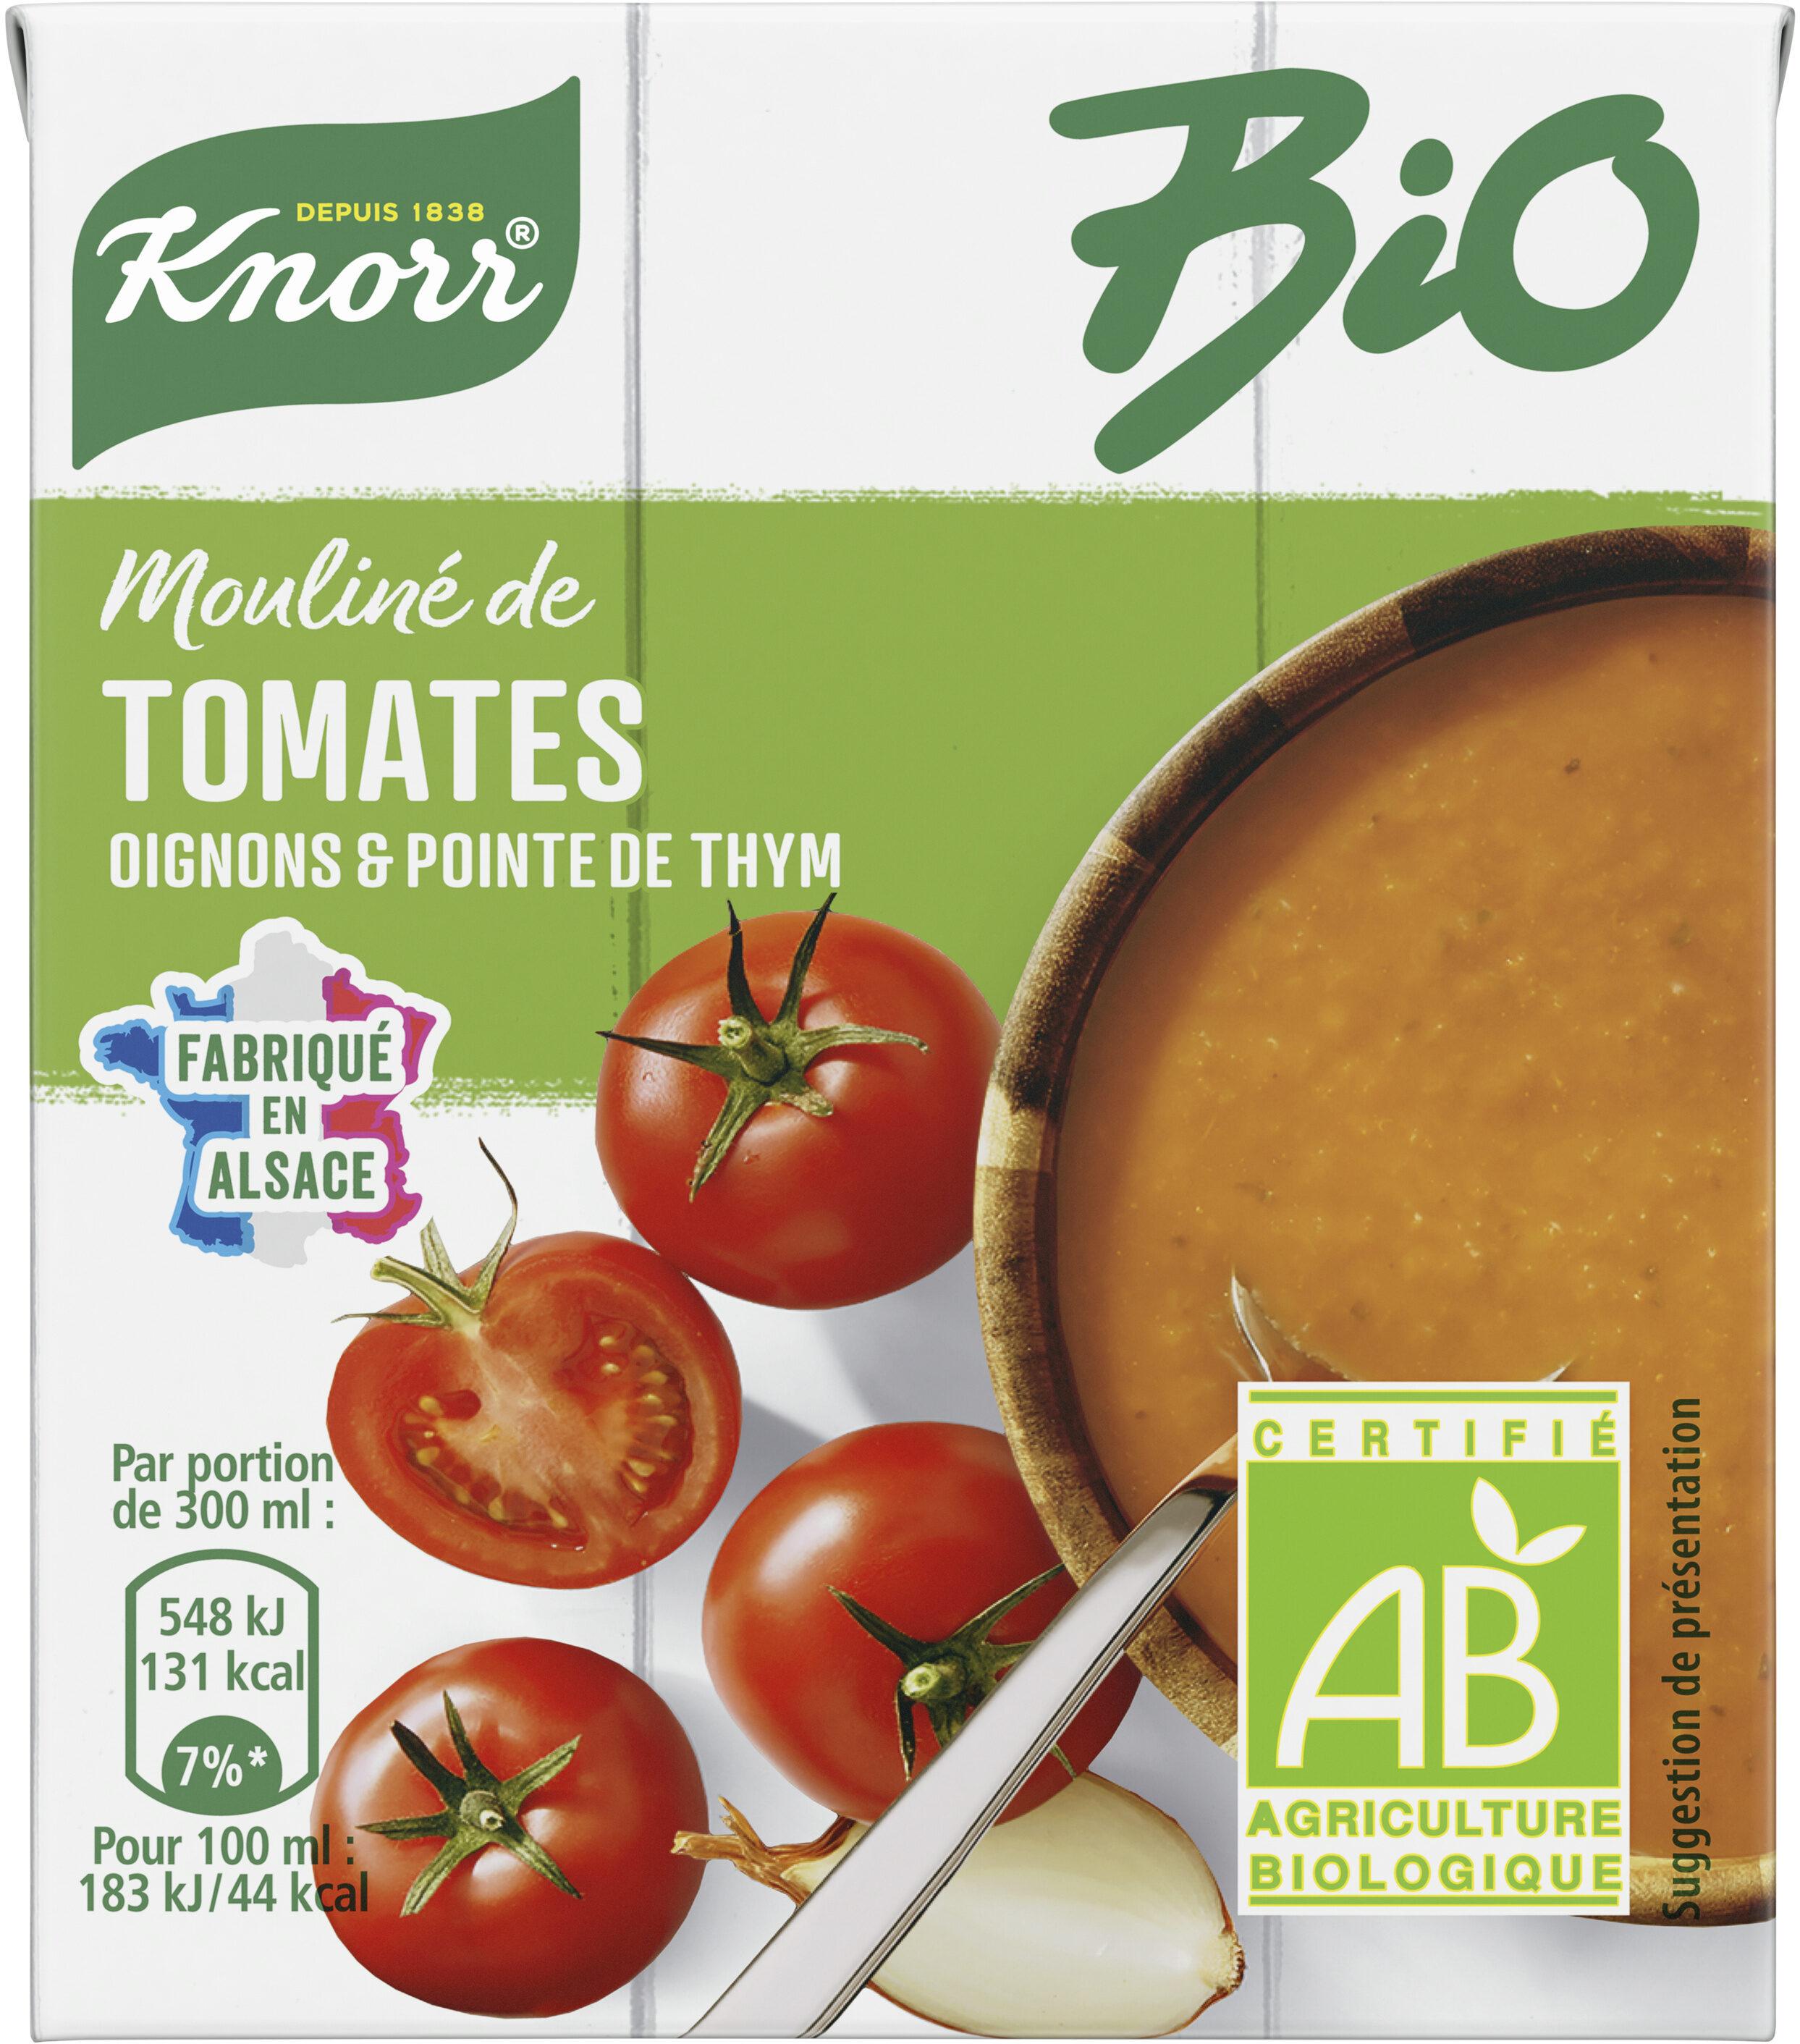 Knorr Soupe Liquide Bio Tomates Oignons et Pointe d'Herbes Sachets 30cl - Product - fr